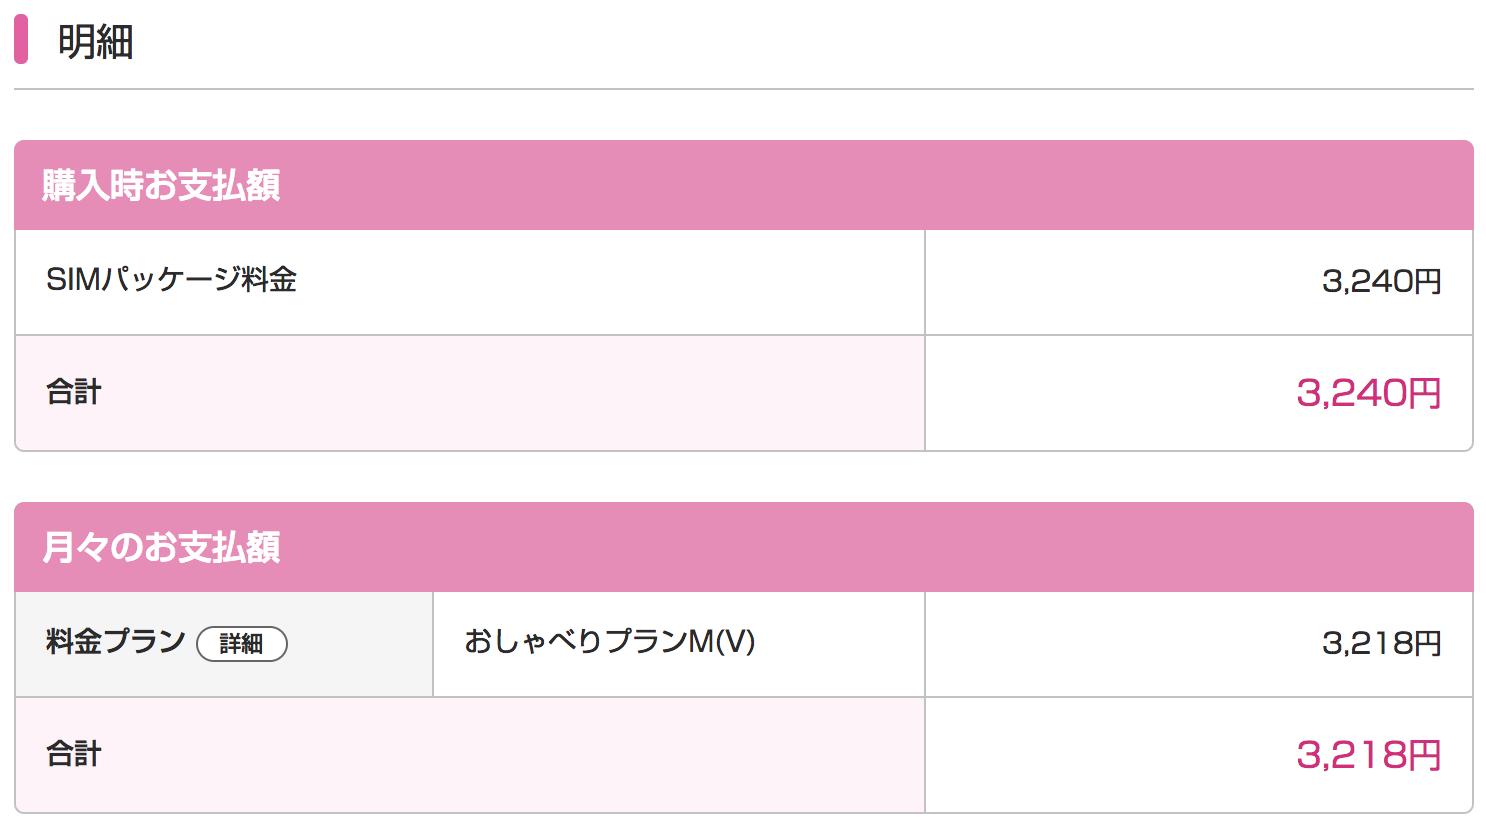 【GALAXY S6×UQモバイル口座振替】料金明細を確認